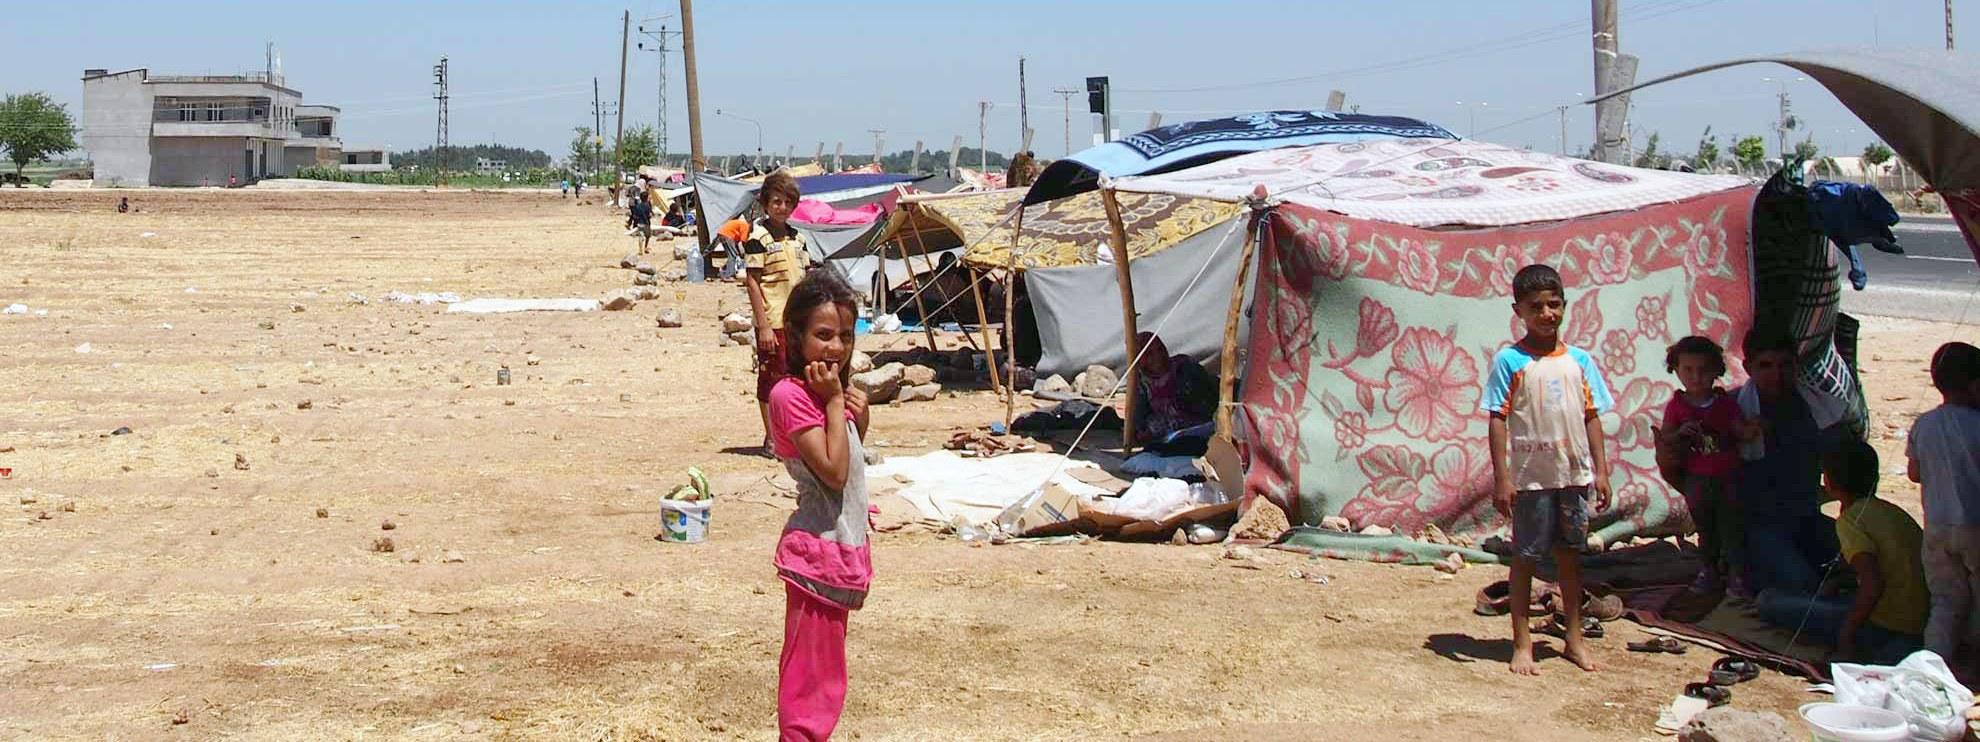 Das Akçakale Flüchtlings Camp 4 in der Türkei, nahe der syrischen Grenze. © Amnesty International